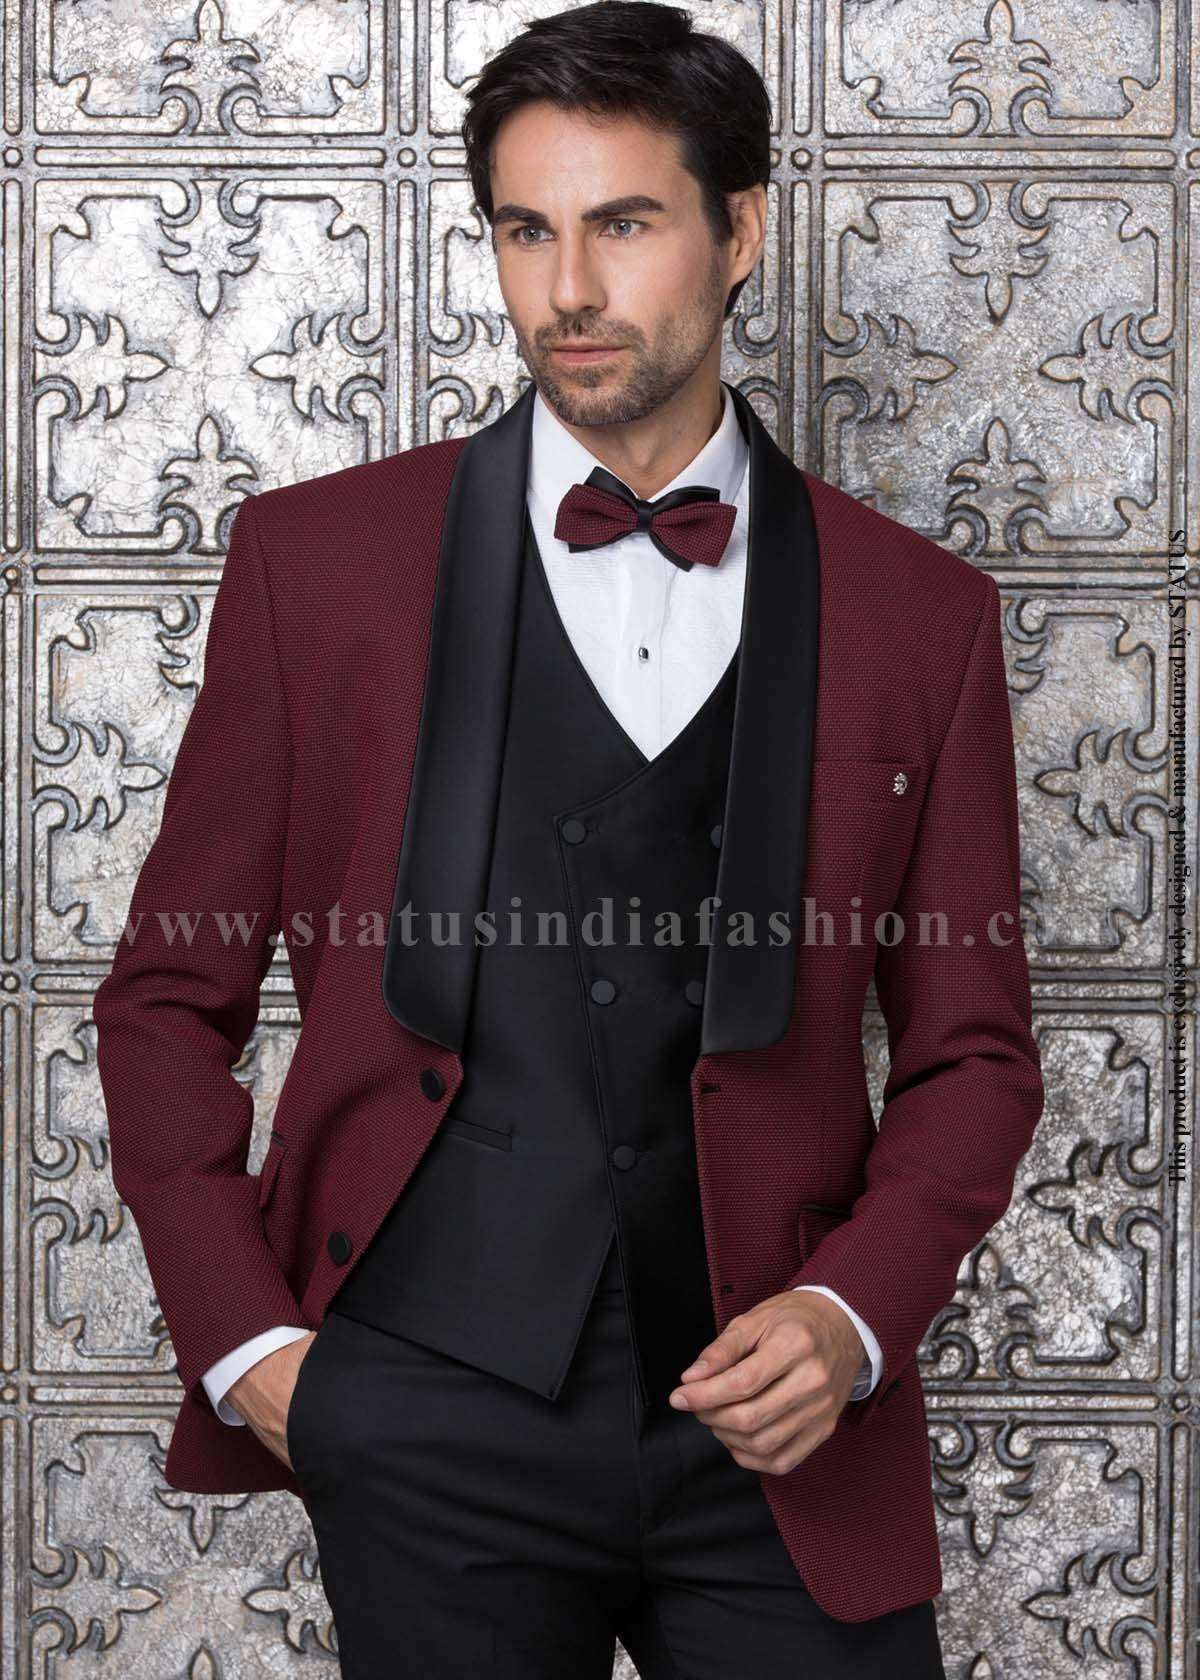 e532a1af89a8ca Mens Designer suit, wedding suit, groom suits, blazer suit, fashion suit, mens  suit, mens party suit, marriage suit, www.statusindiafashion.com